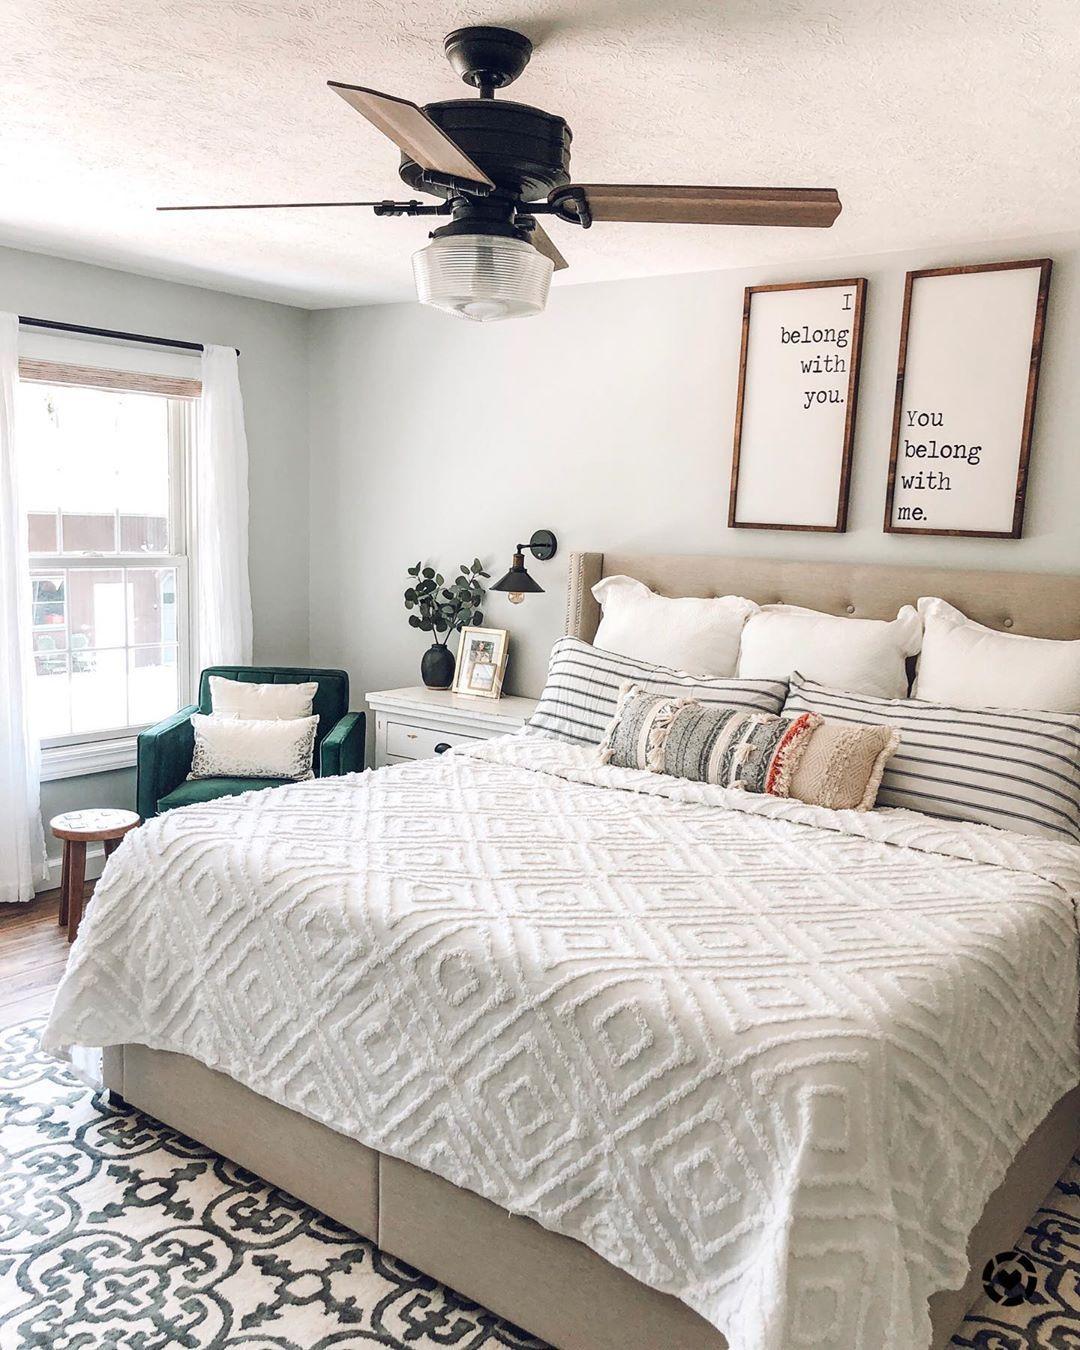 Master Bedroom Ideas Bedding Master Bedroom Master Bedroom Bedroom Decor Home decor for master bedroom